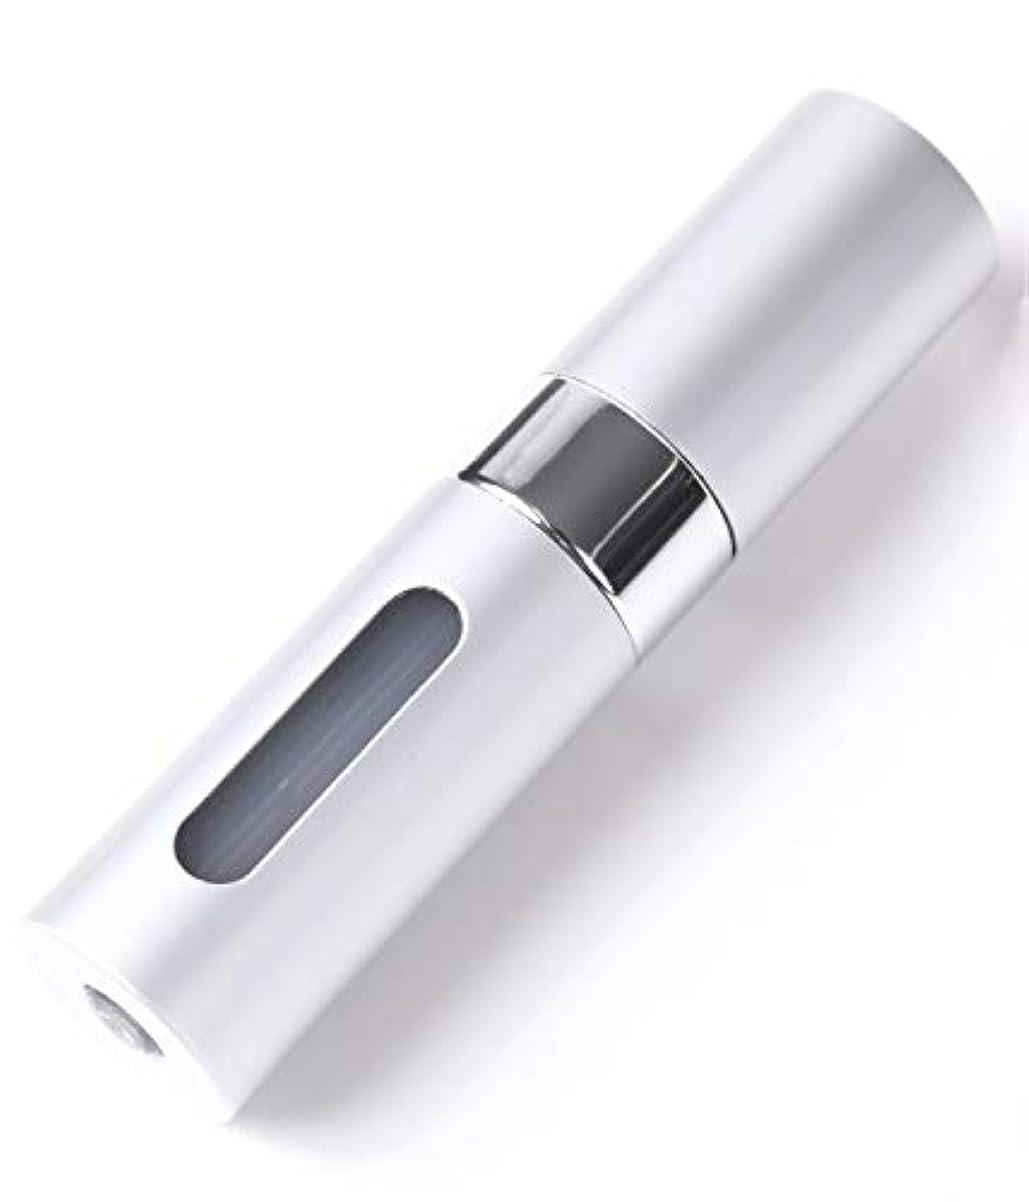 下る魔法推測するCoffeefreaks アトマイザー 香水 詰め替え 携帯 スプレーボトル ワンタッチ補充 (シルバー)